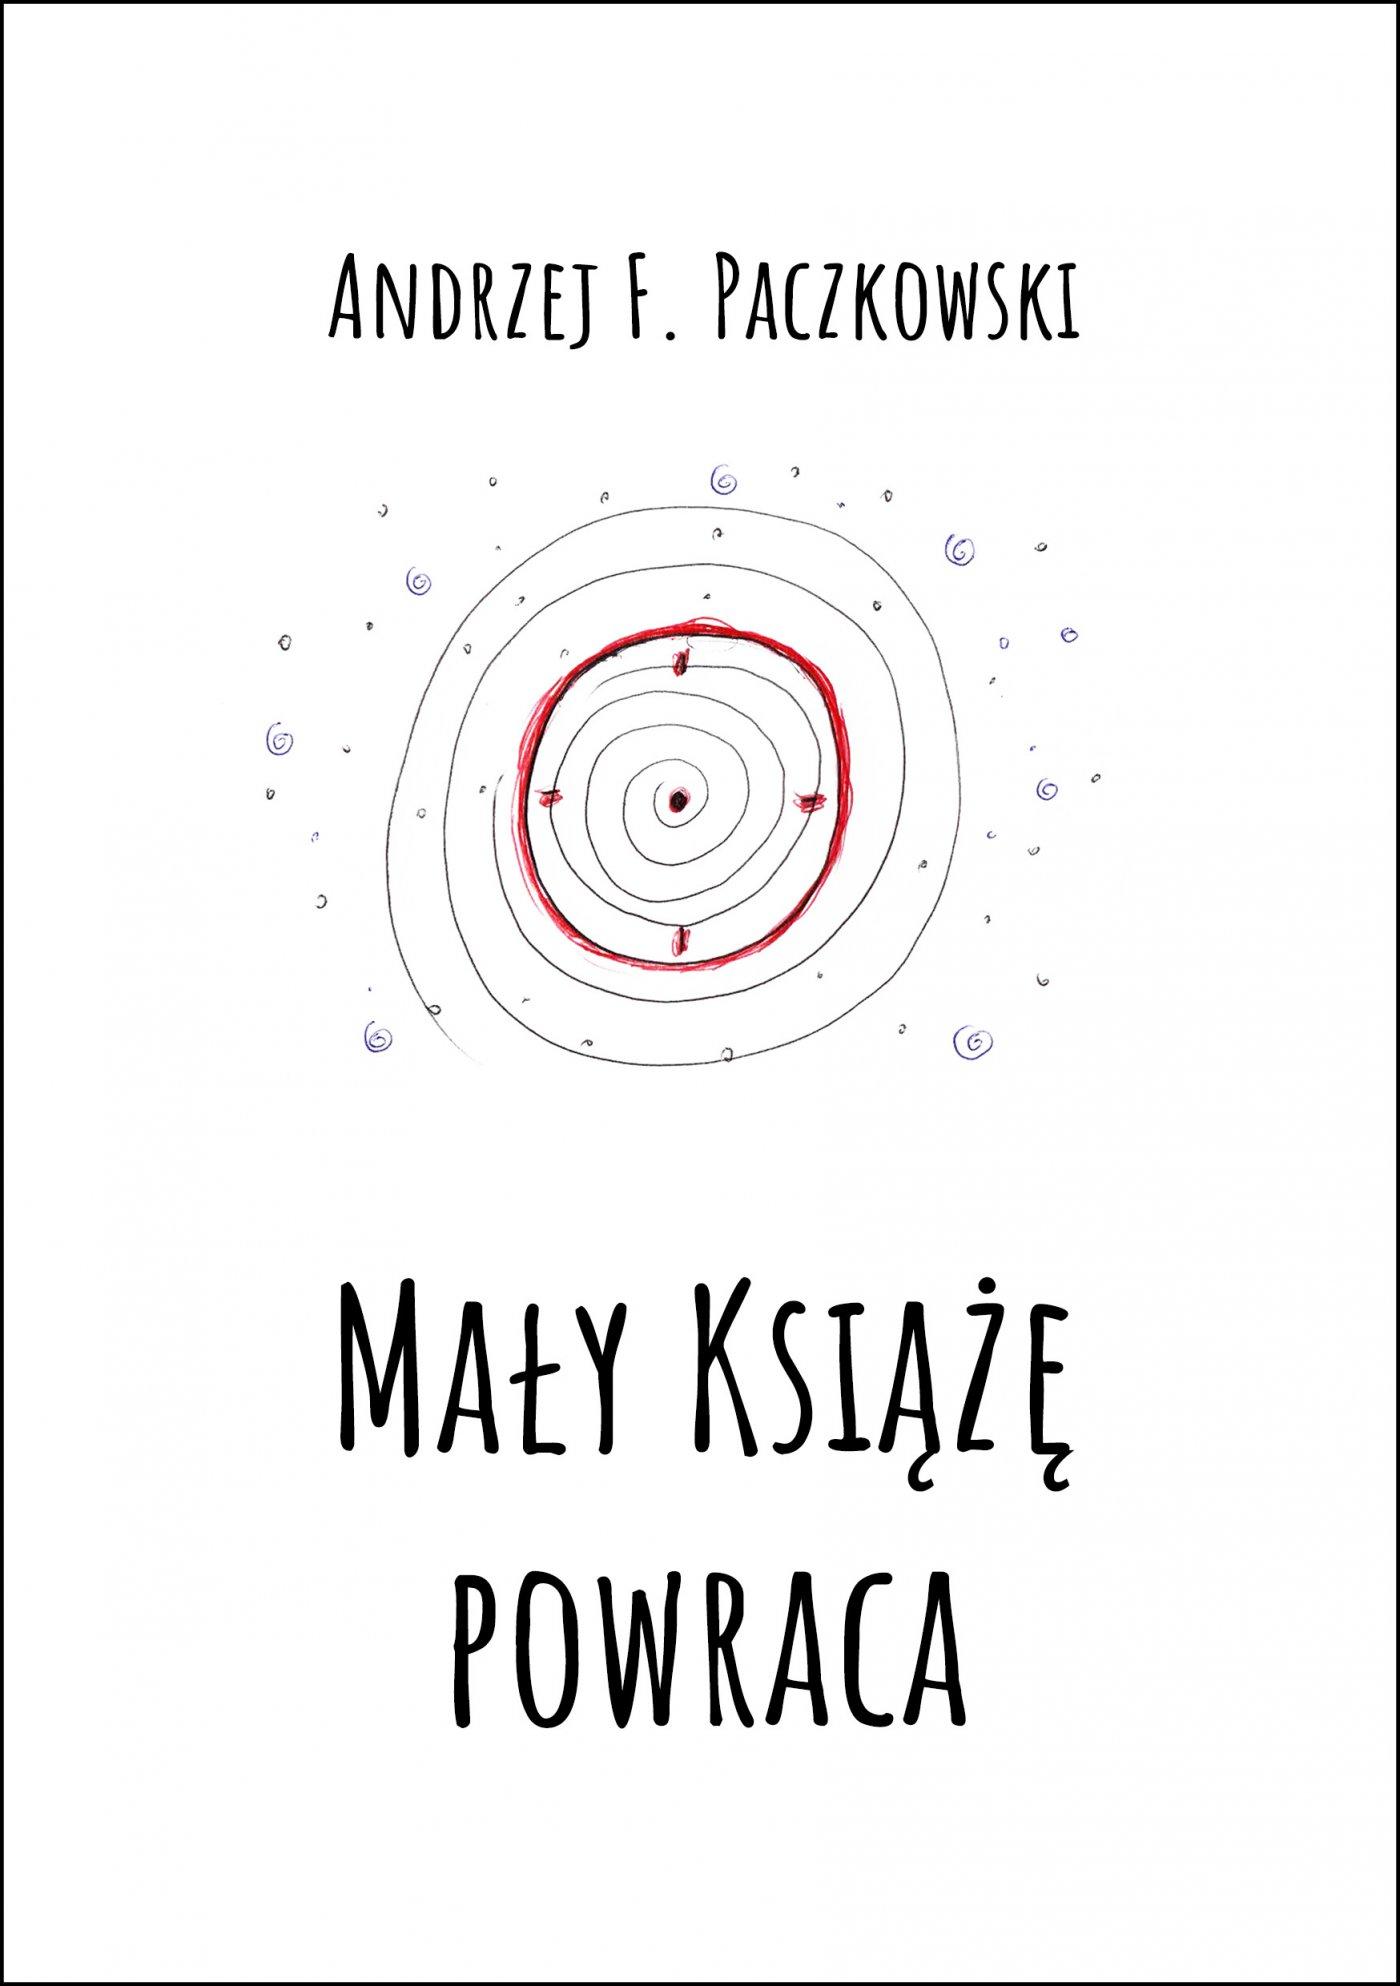 Mały Książę powraca - Ebook (Książka na Kindle) do pobrania w formacie MOBI